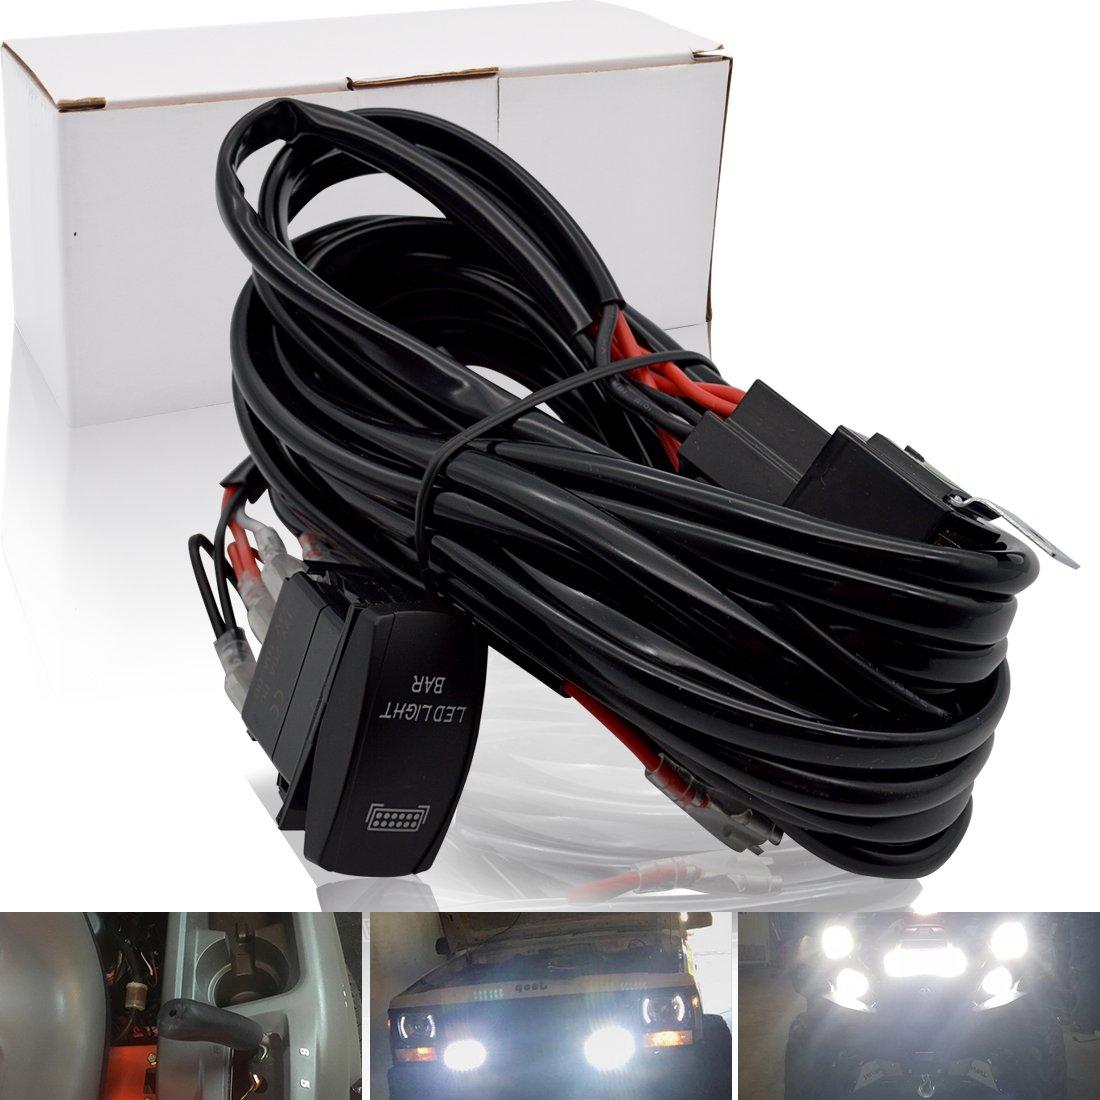 Safego Kit de Cableado de Barra de Trabajo LED con Interruptor de Balancín de Encendido / Apagado de 5 Pines Relé 40A 2 Conectores de luz Para ATV SUV y Camión